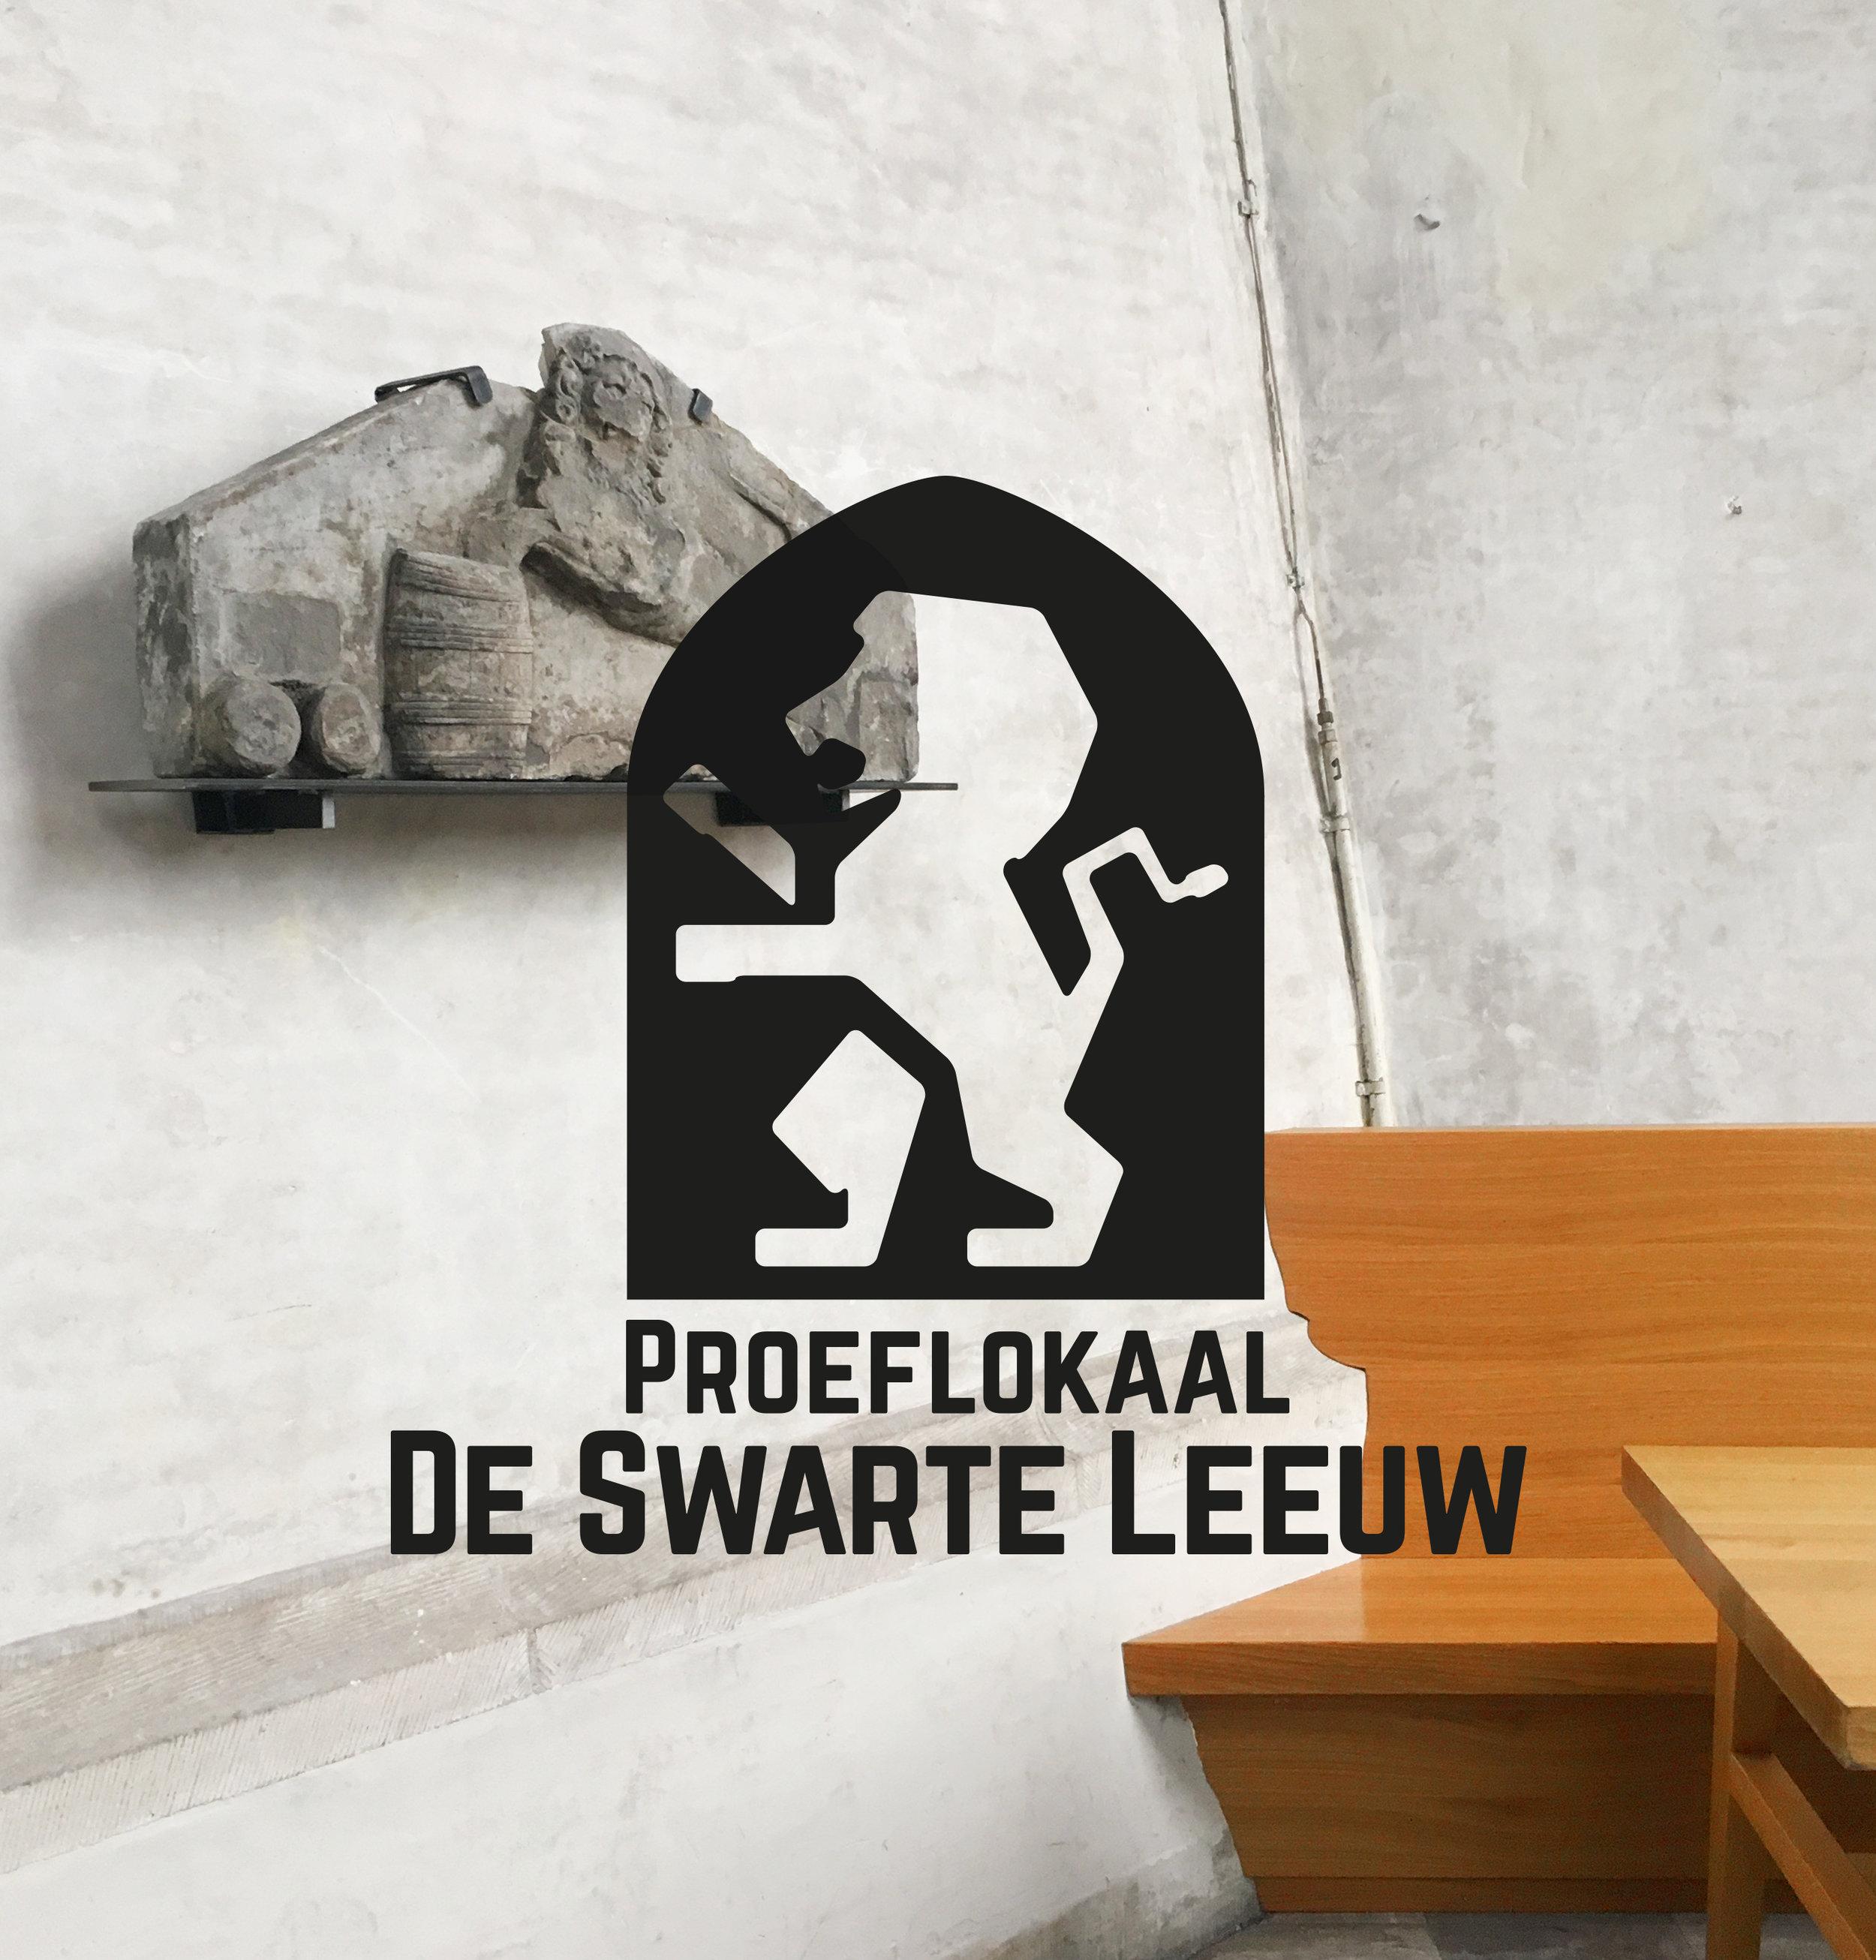 De Swarte Leeuw   De Swarte Leeuw is het Proeflokaal in de Laurenskerk, met een groot terras op het Grotekerkplein. We hebben een ruime keuze aan speciaalbier, mooie wijnen, goede koffie & een spijzenkaart met lekkere lunch, borrelhappen en zoetigheden voor bij de koffie.